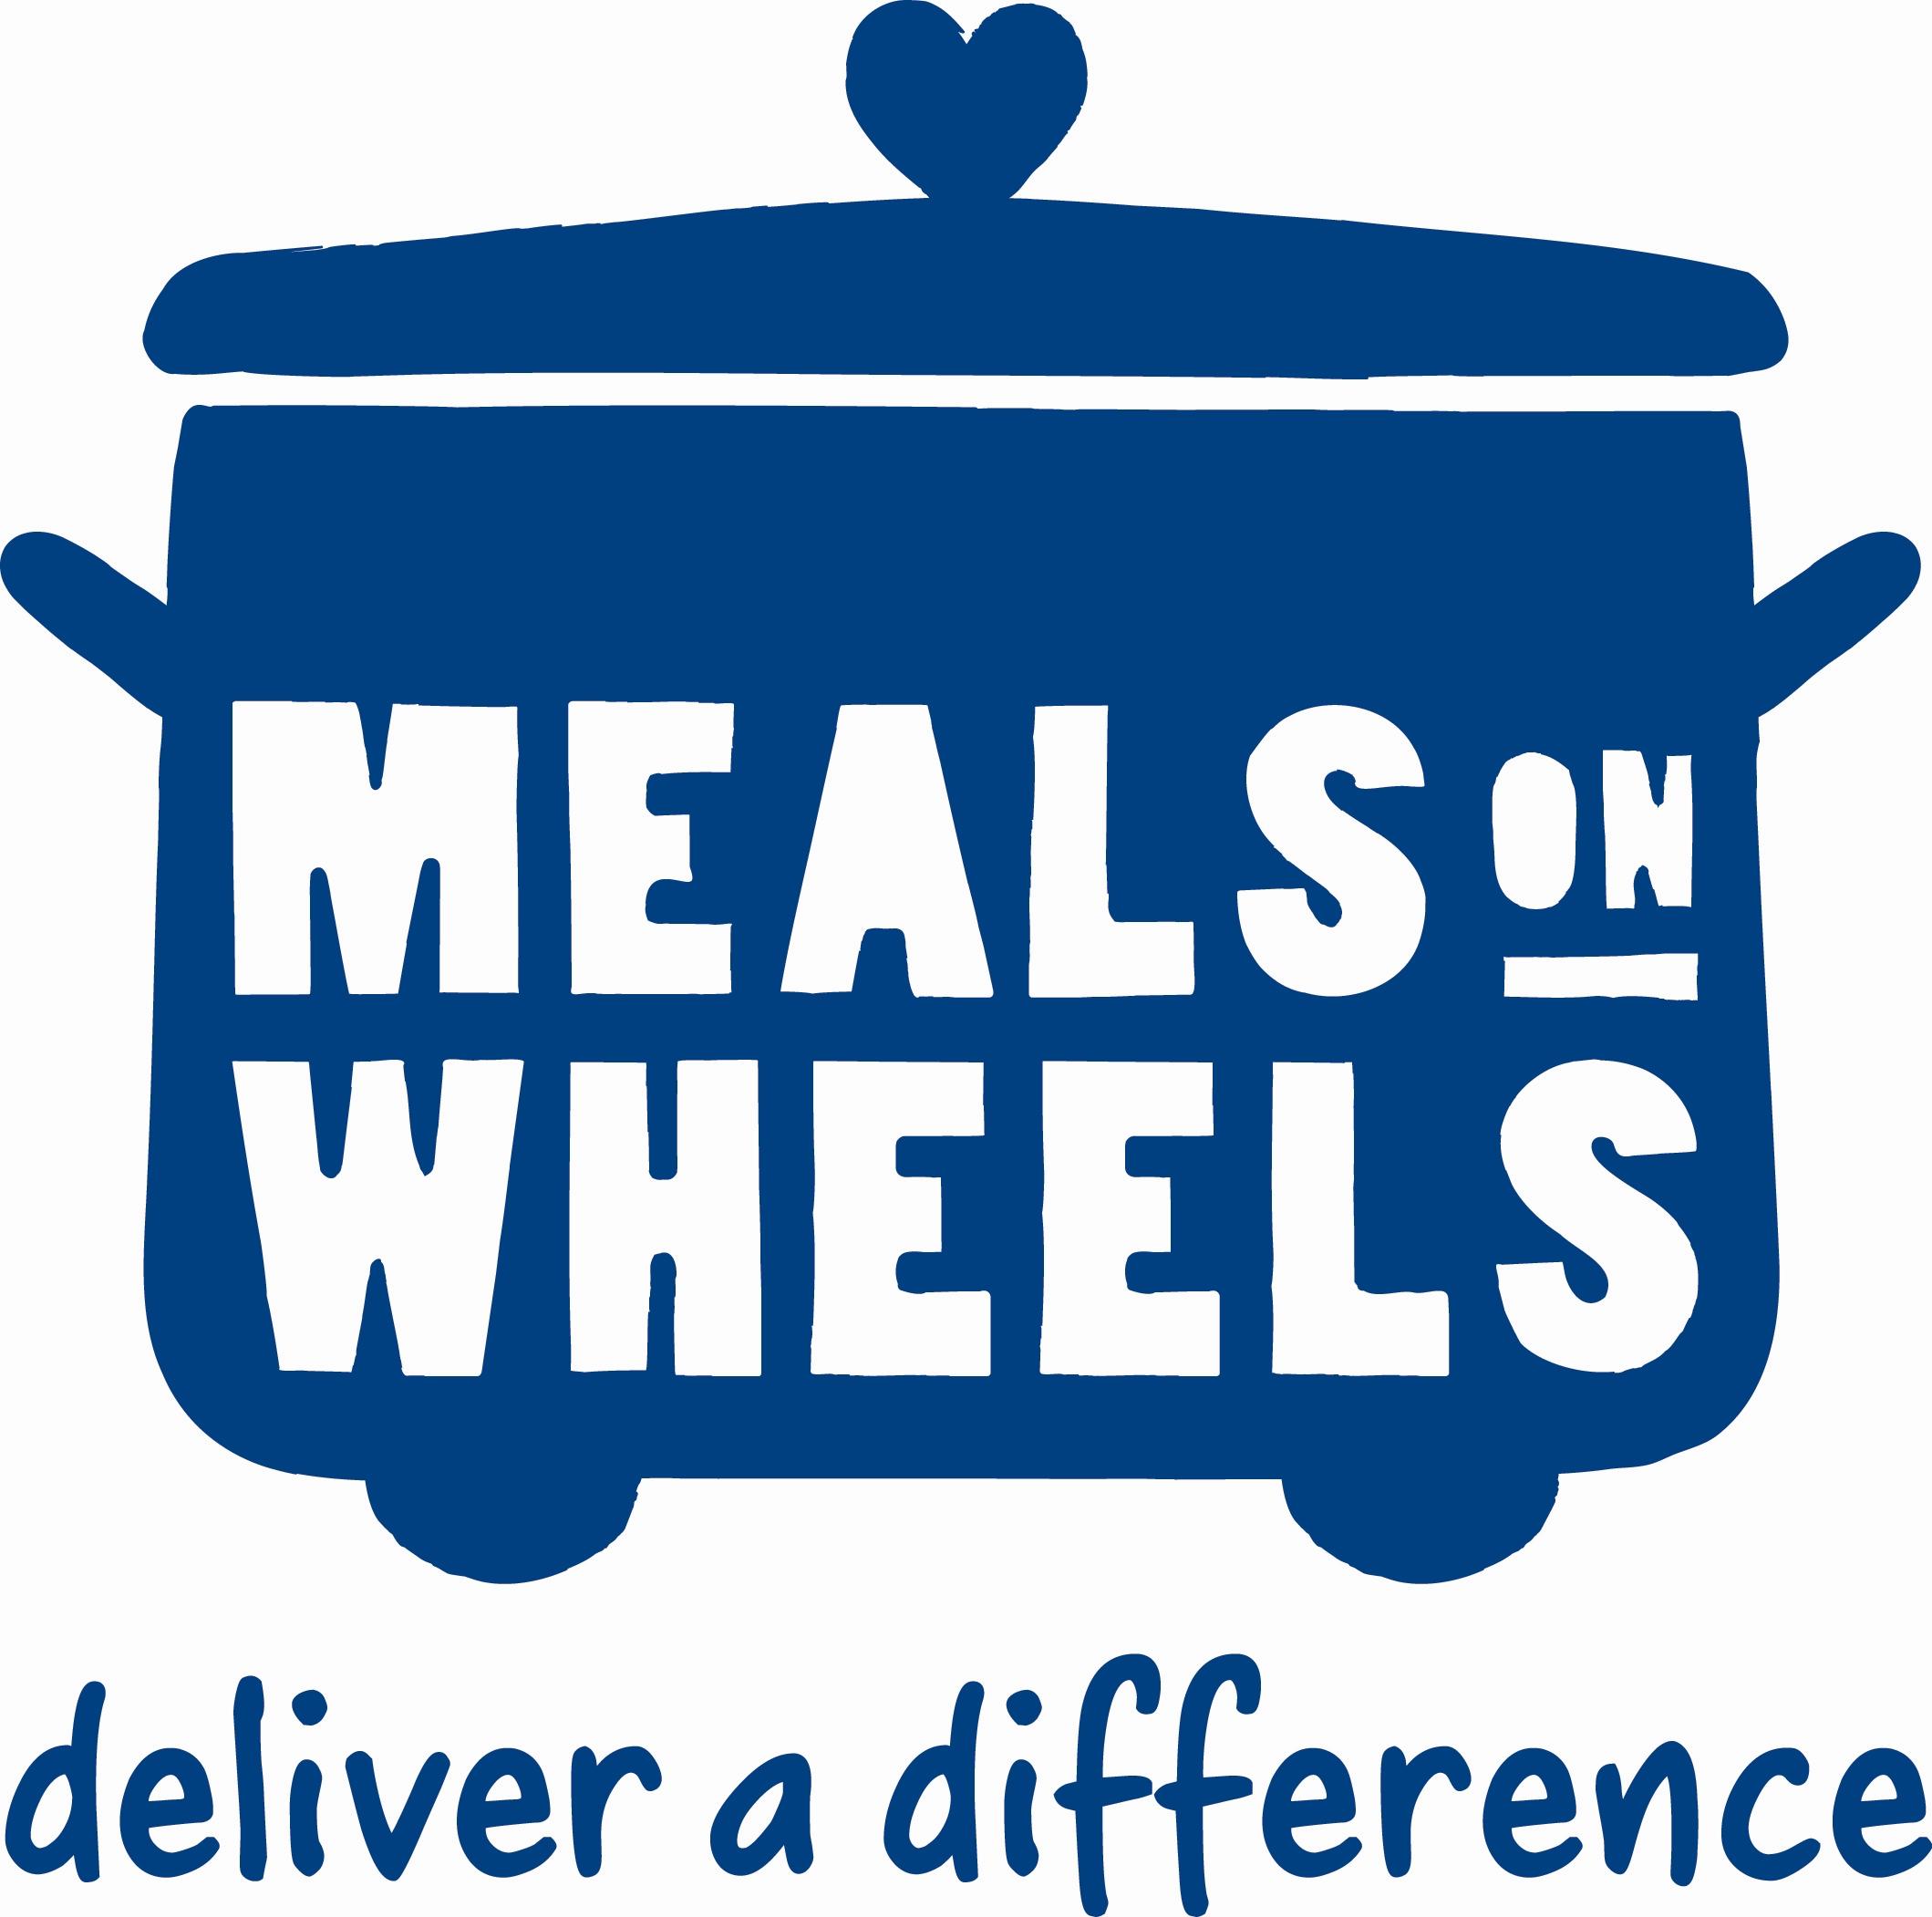 meals-on-wheels-logo.jpg